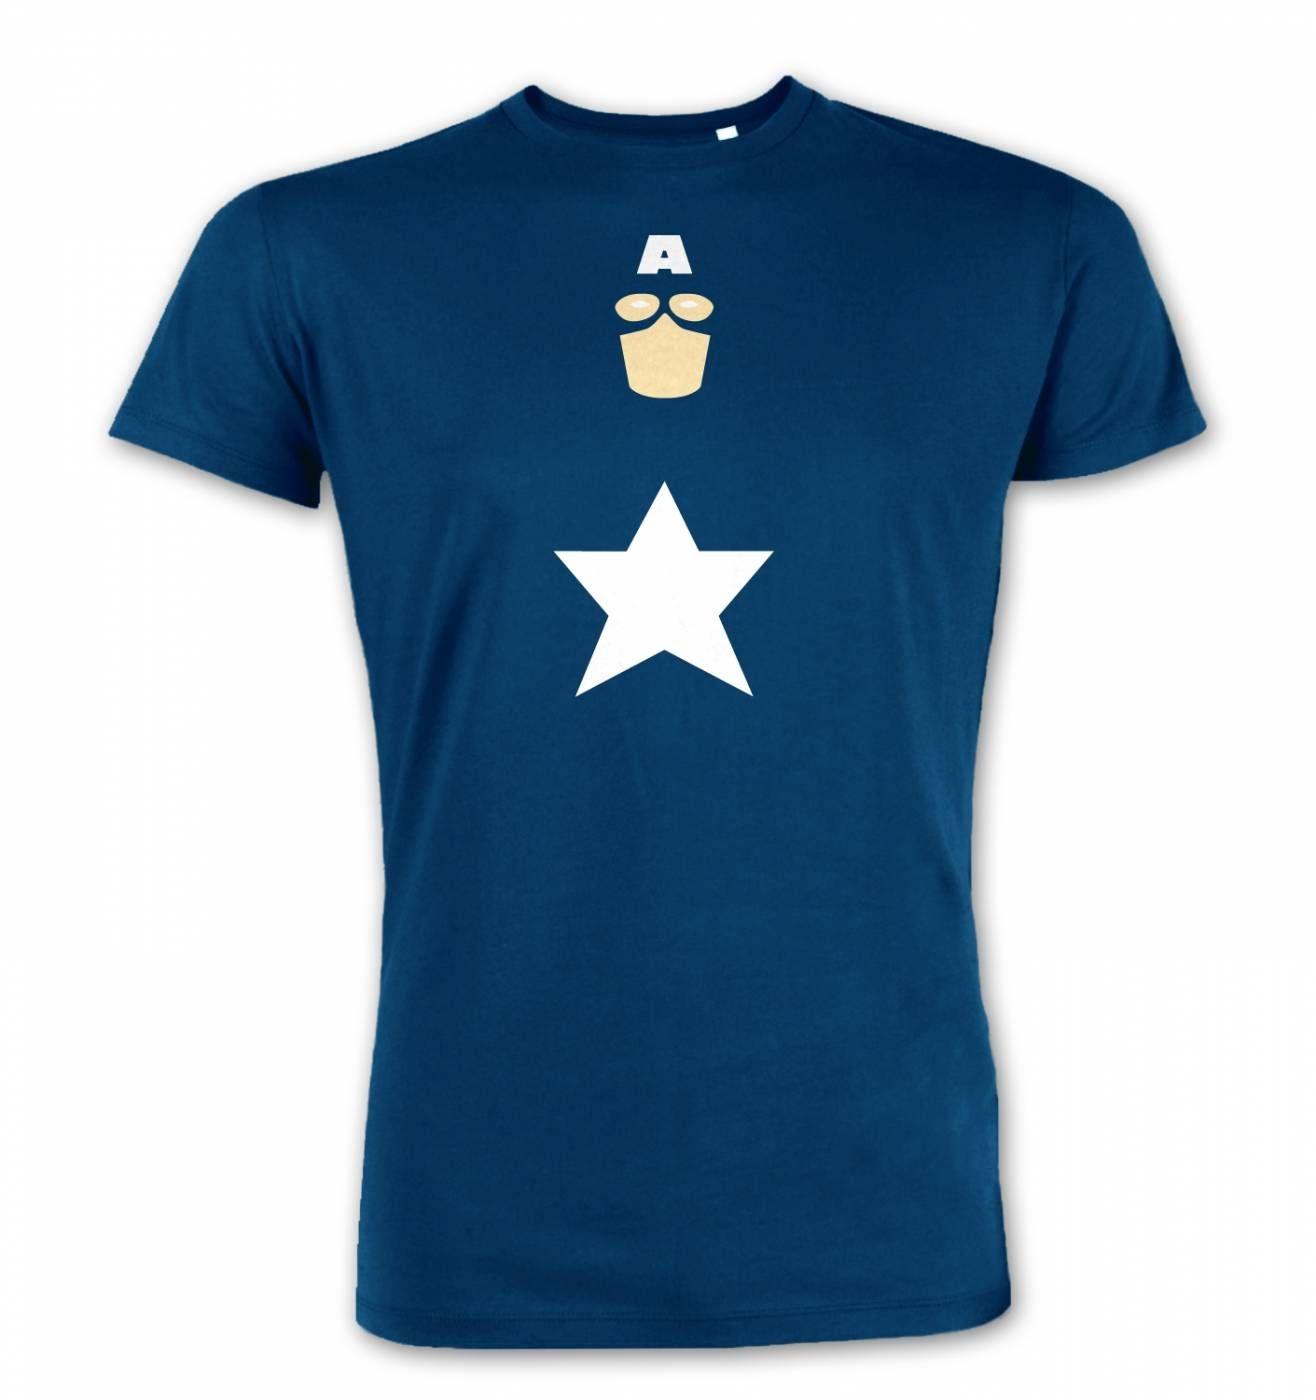 All American Hero men's Premium t-shirt